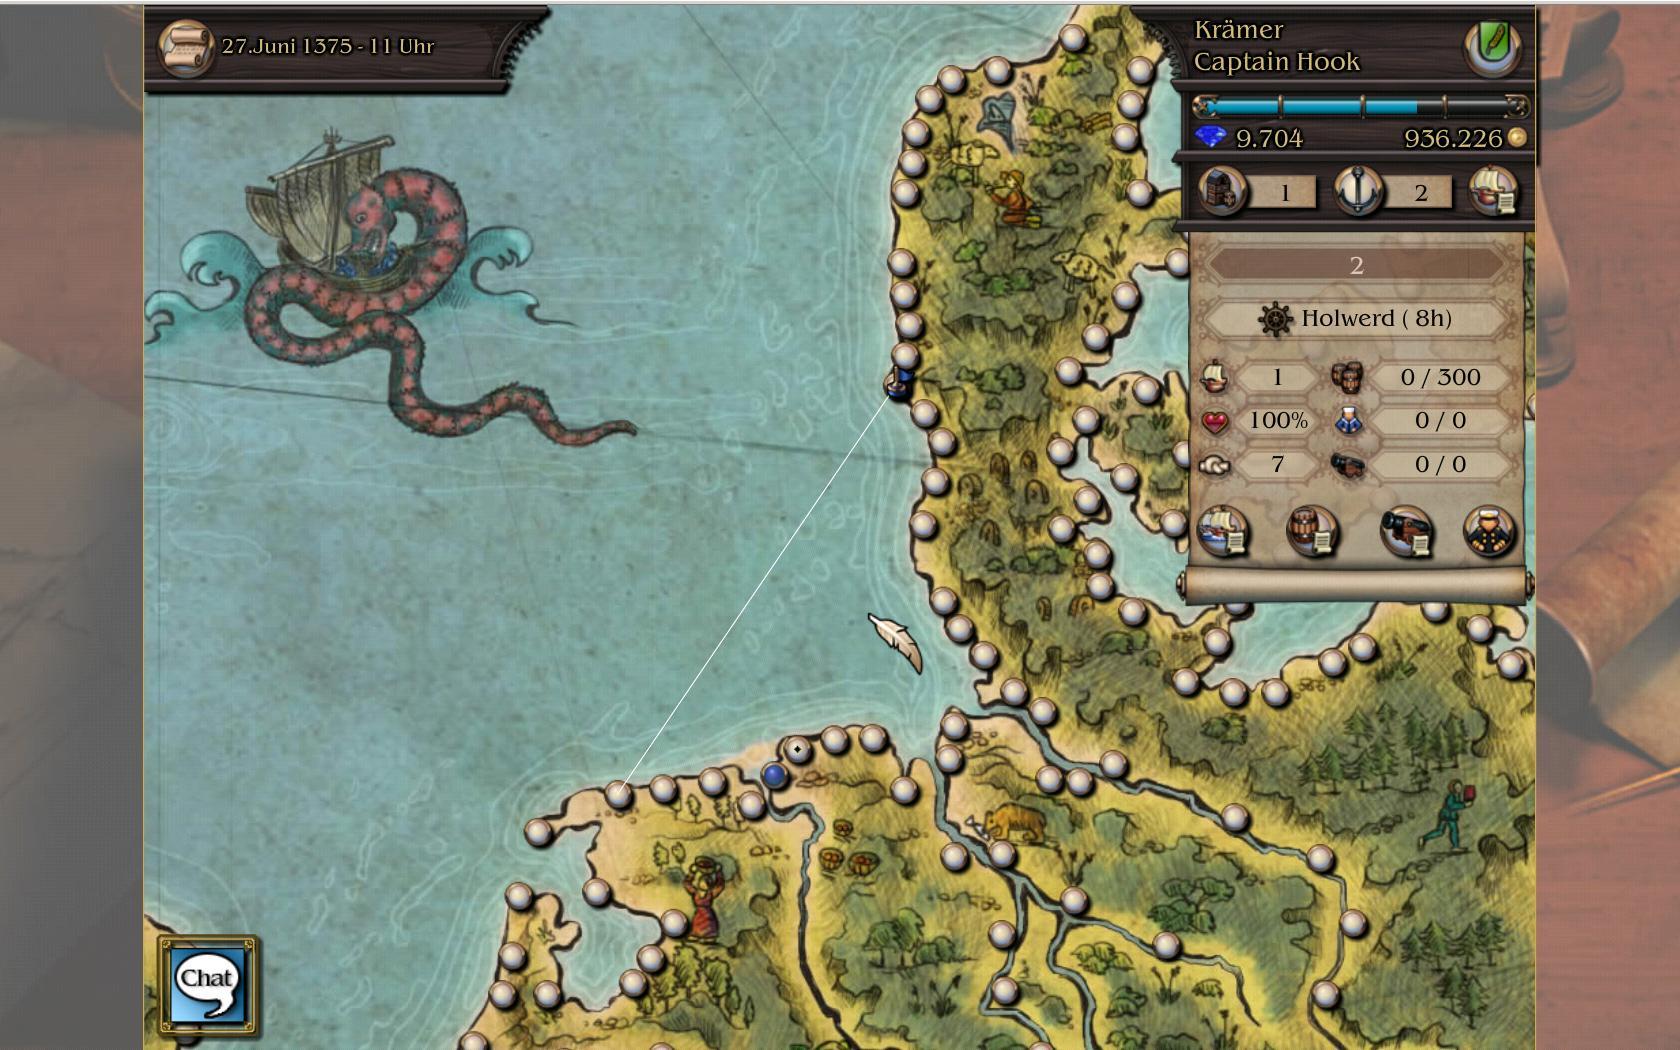 Klicke auf die Grafik für eine größere AnsichtName:Karte_europa_Konvoy_Bewegt sich.jpgHits:141Größe:244,5 KBID:2489